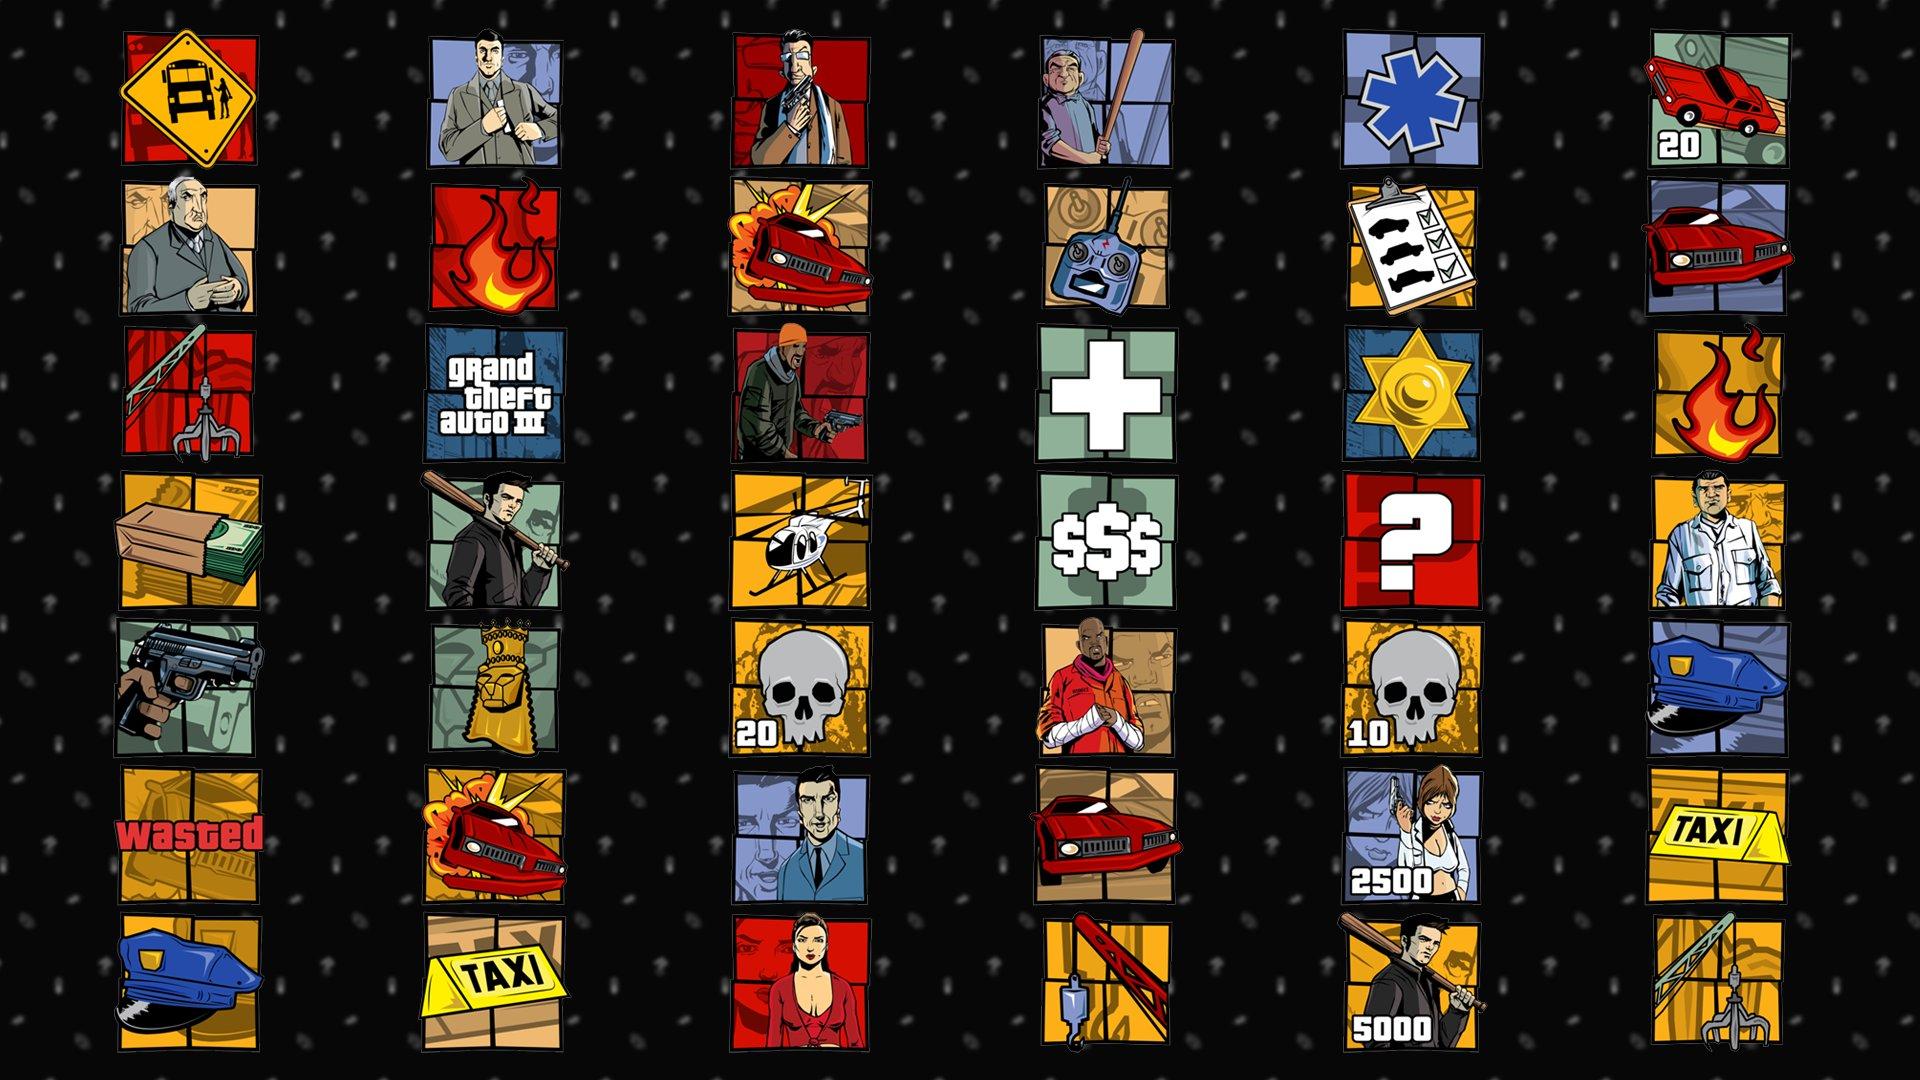 GTA: The Trilogy – The Definitive Edition   Vaza centenas de imagens da trilogia 1